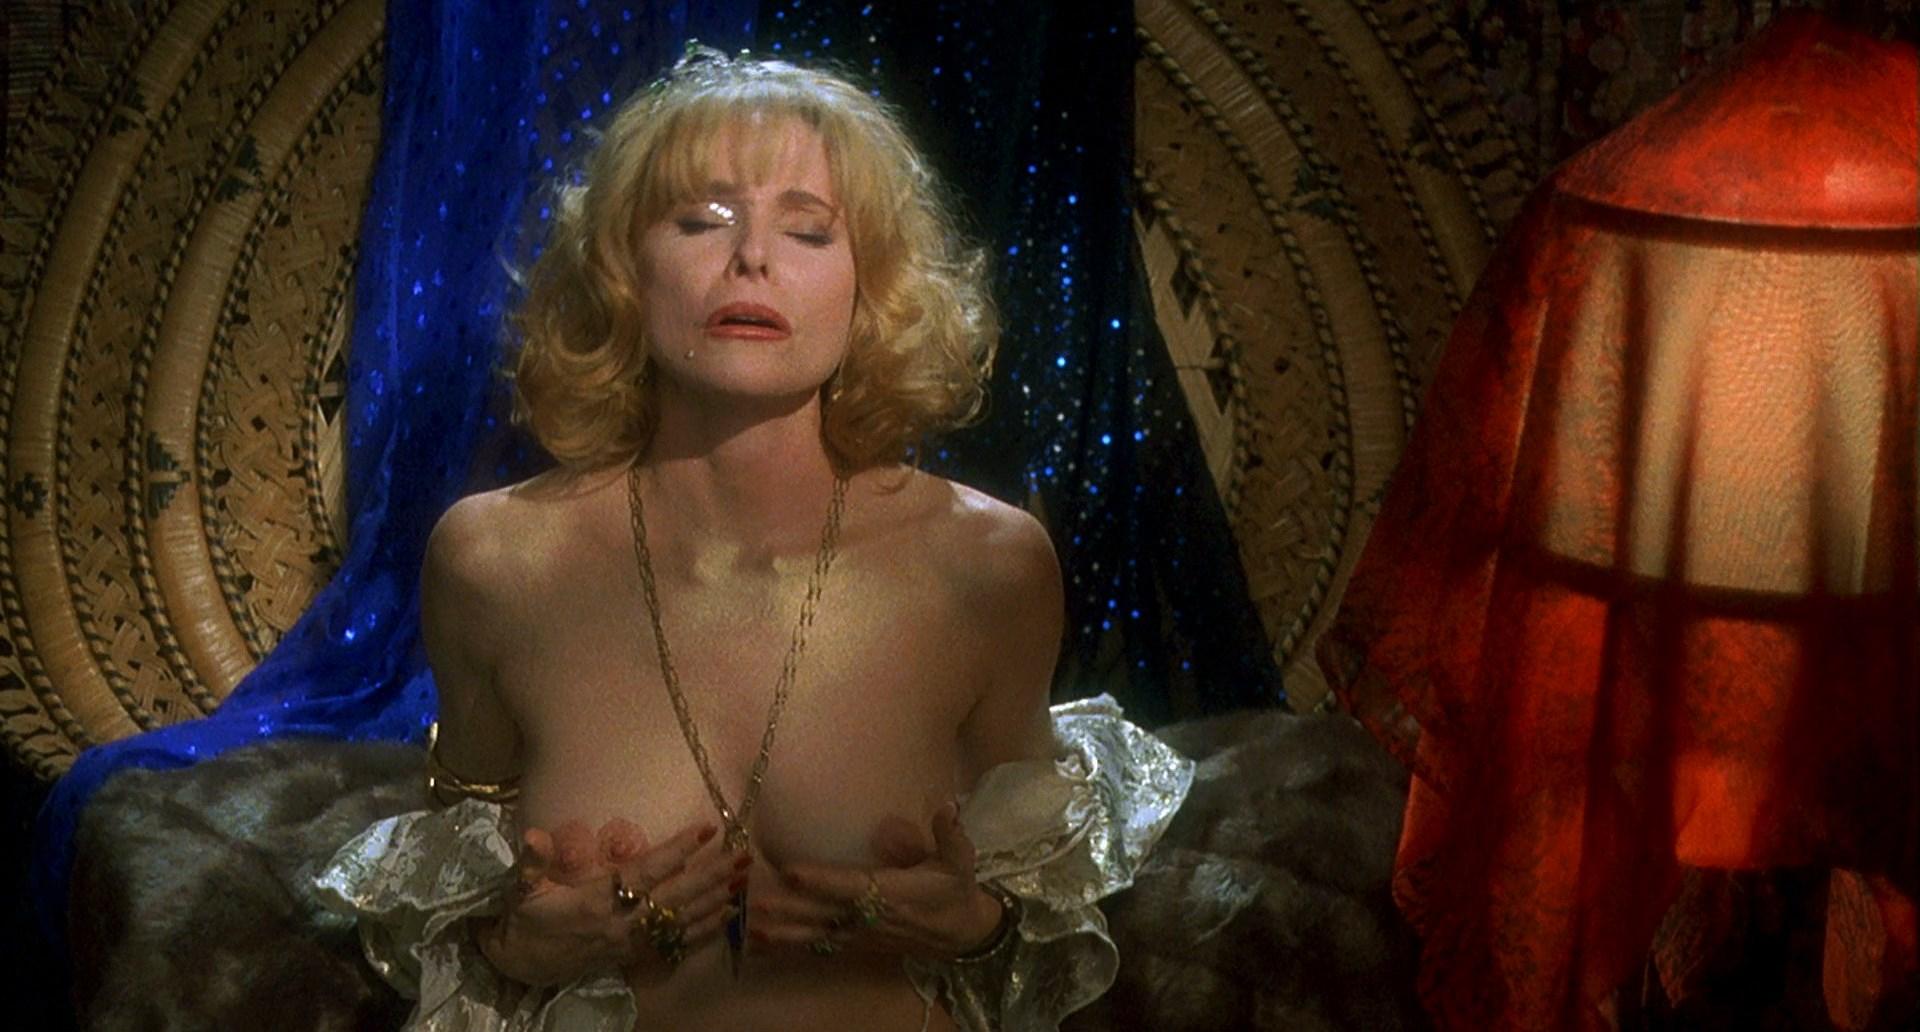 Paz vega elena anaya nude from lucia y el sexo - 1 part 7